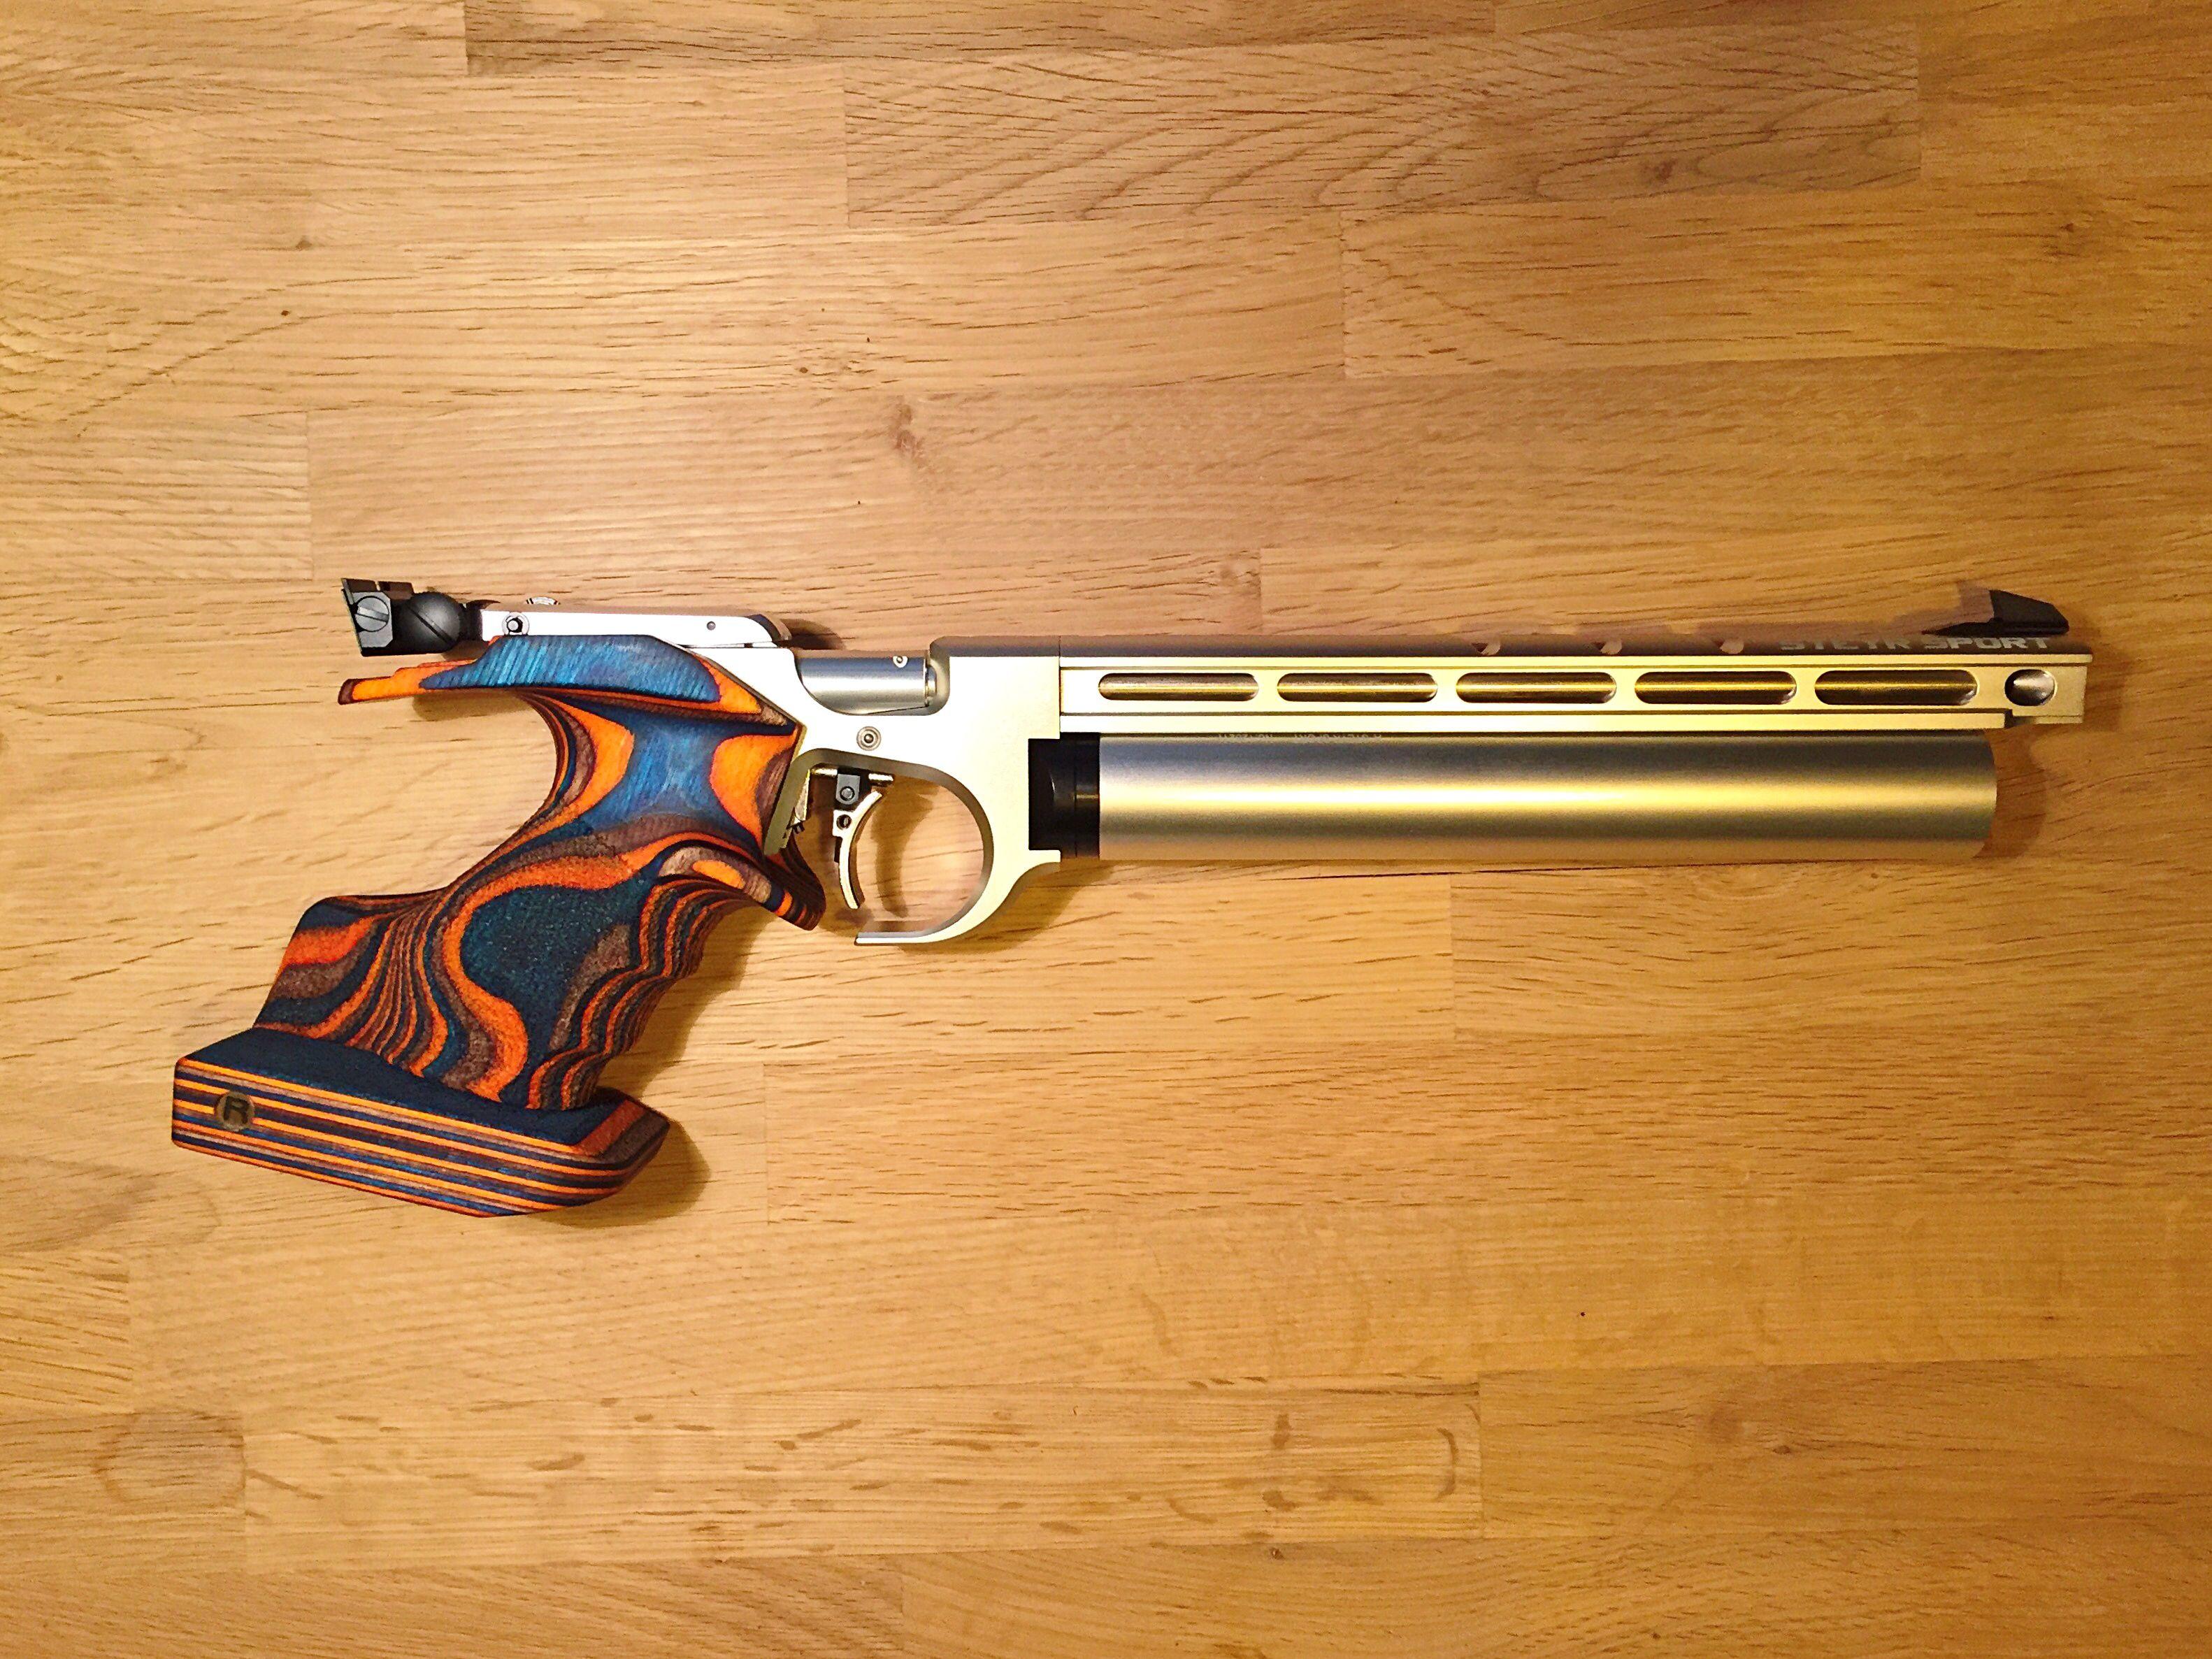 Pin by gary farnsworth on airguns | Guns, Air rifle, Steyr